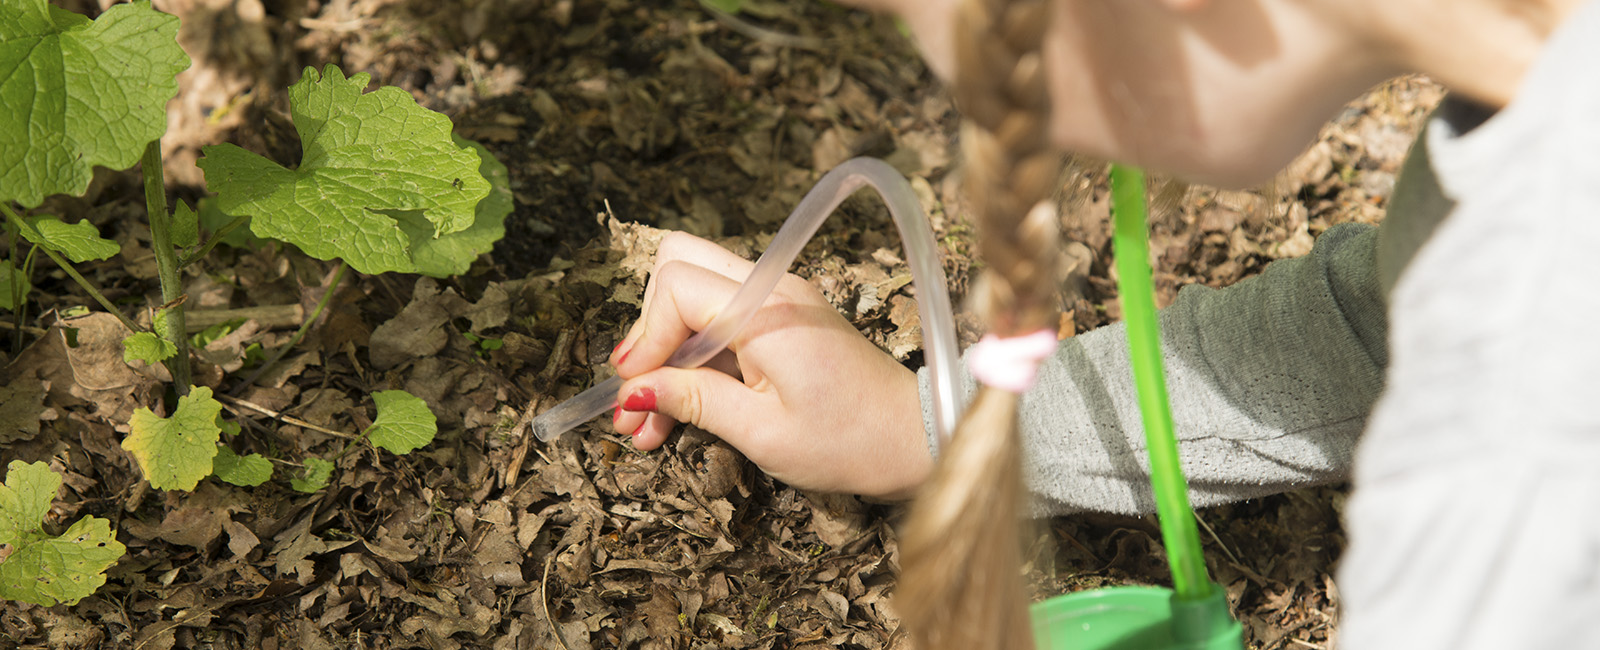 Natur, skovkasse, udeunger, naturoplevelser til børn i alle aldre, insektsuger